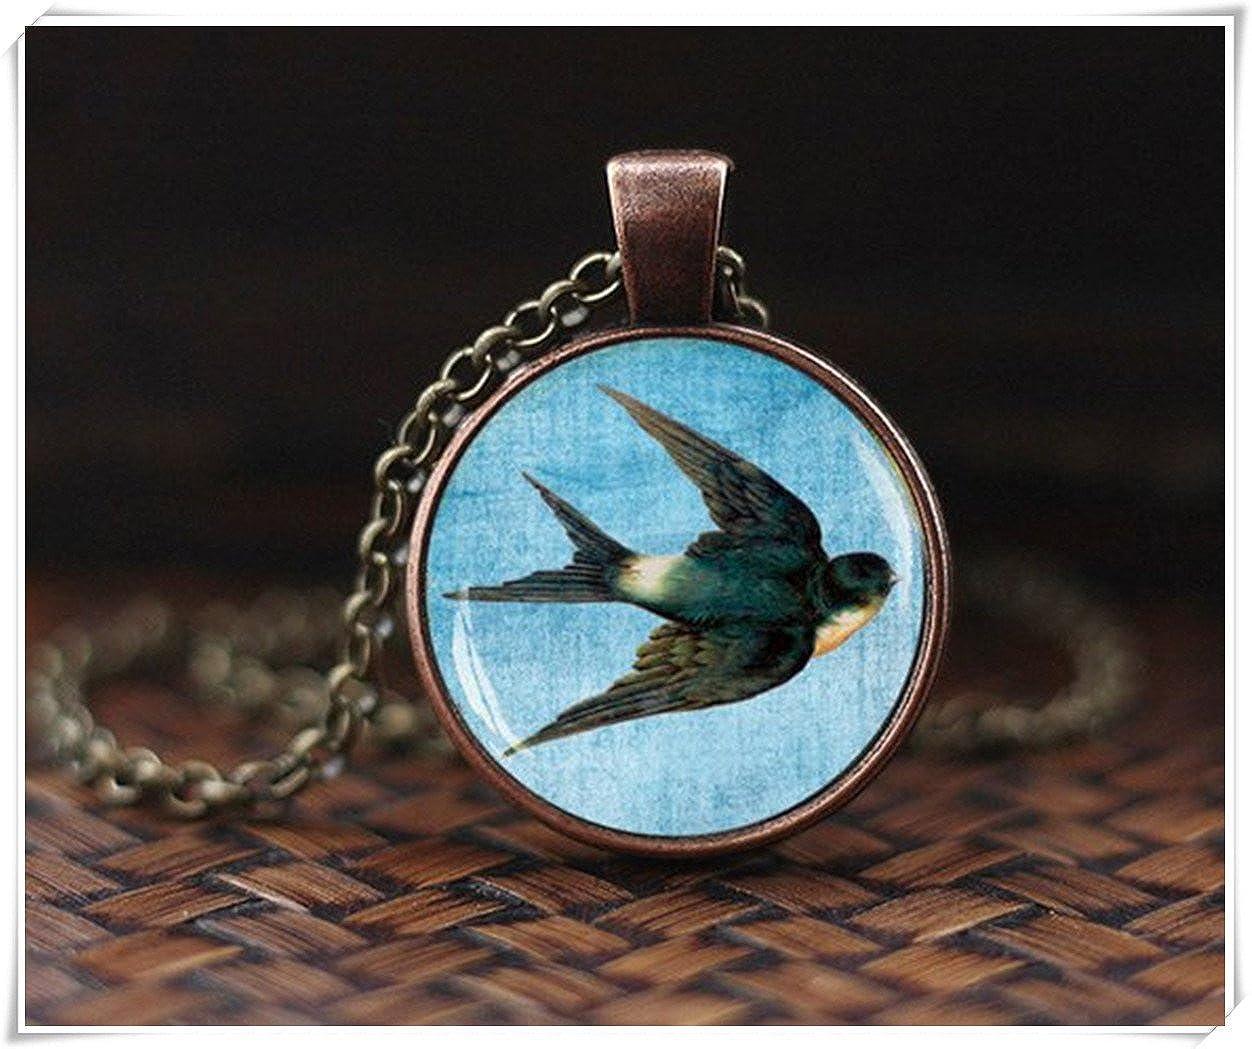 pendentif Animal un superbe Cadeau. bijoux collier vintage hirondelle Art Collier hirondelle Oiseau Collier Pendentif hirondelle Bird